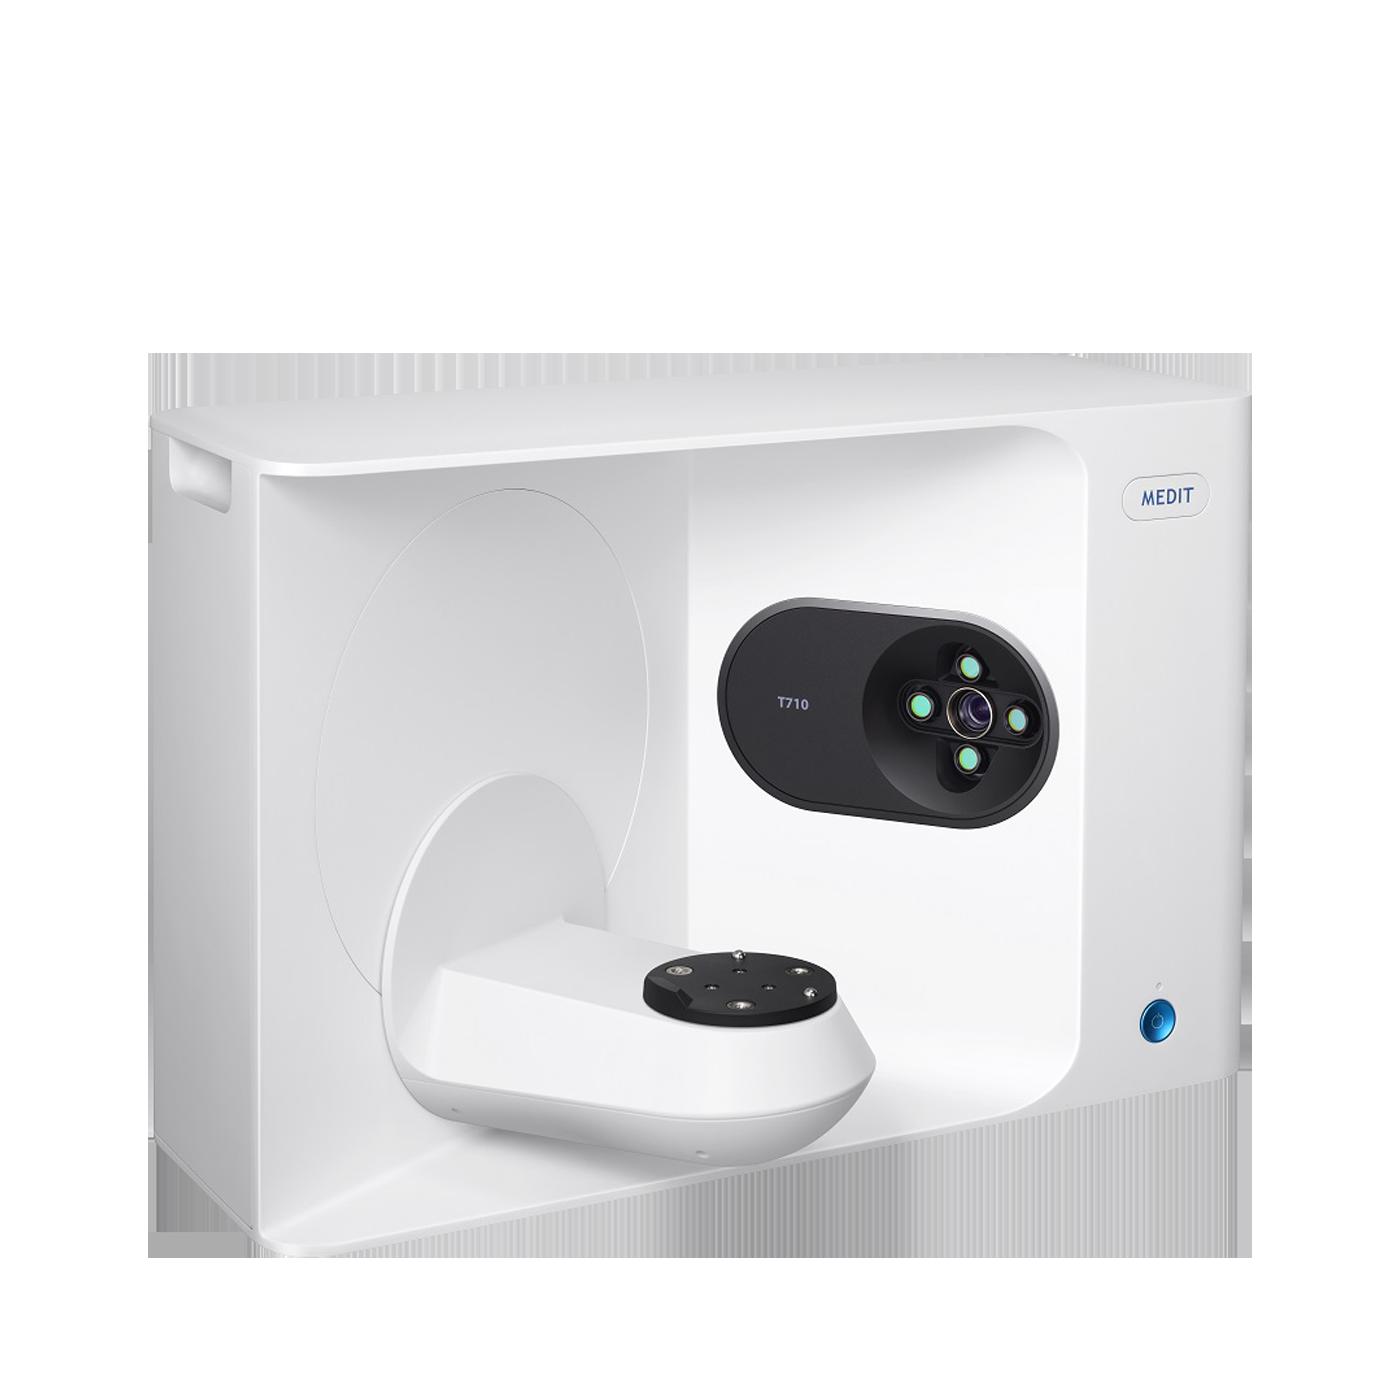 Medit T710 Intraoral 3D Scanner